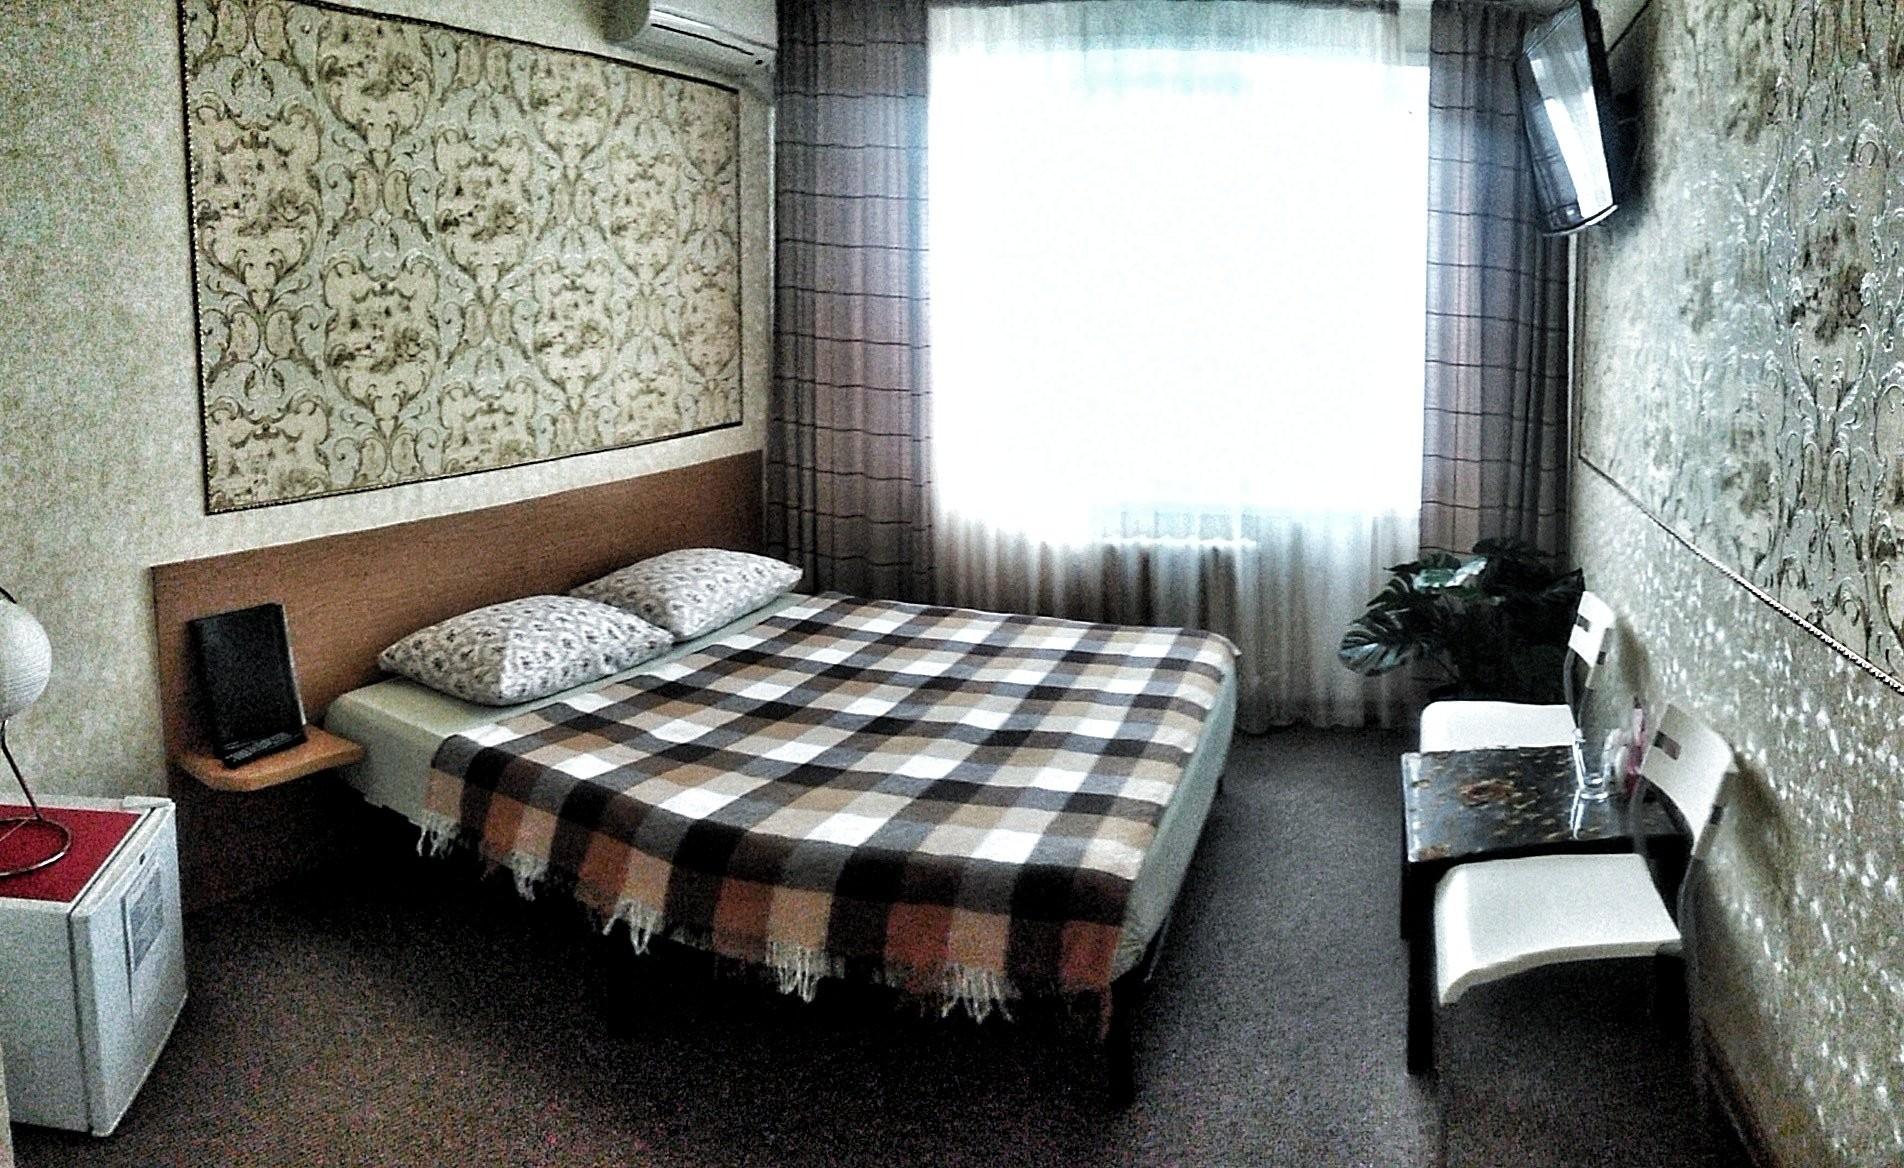 Мальта, гостиничный комплекс - №10